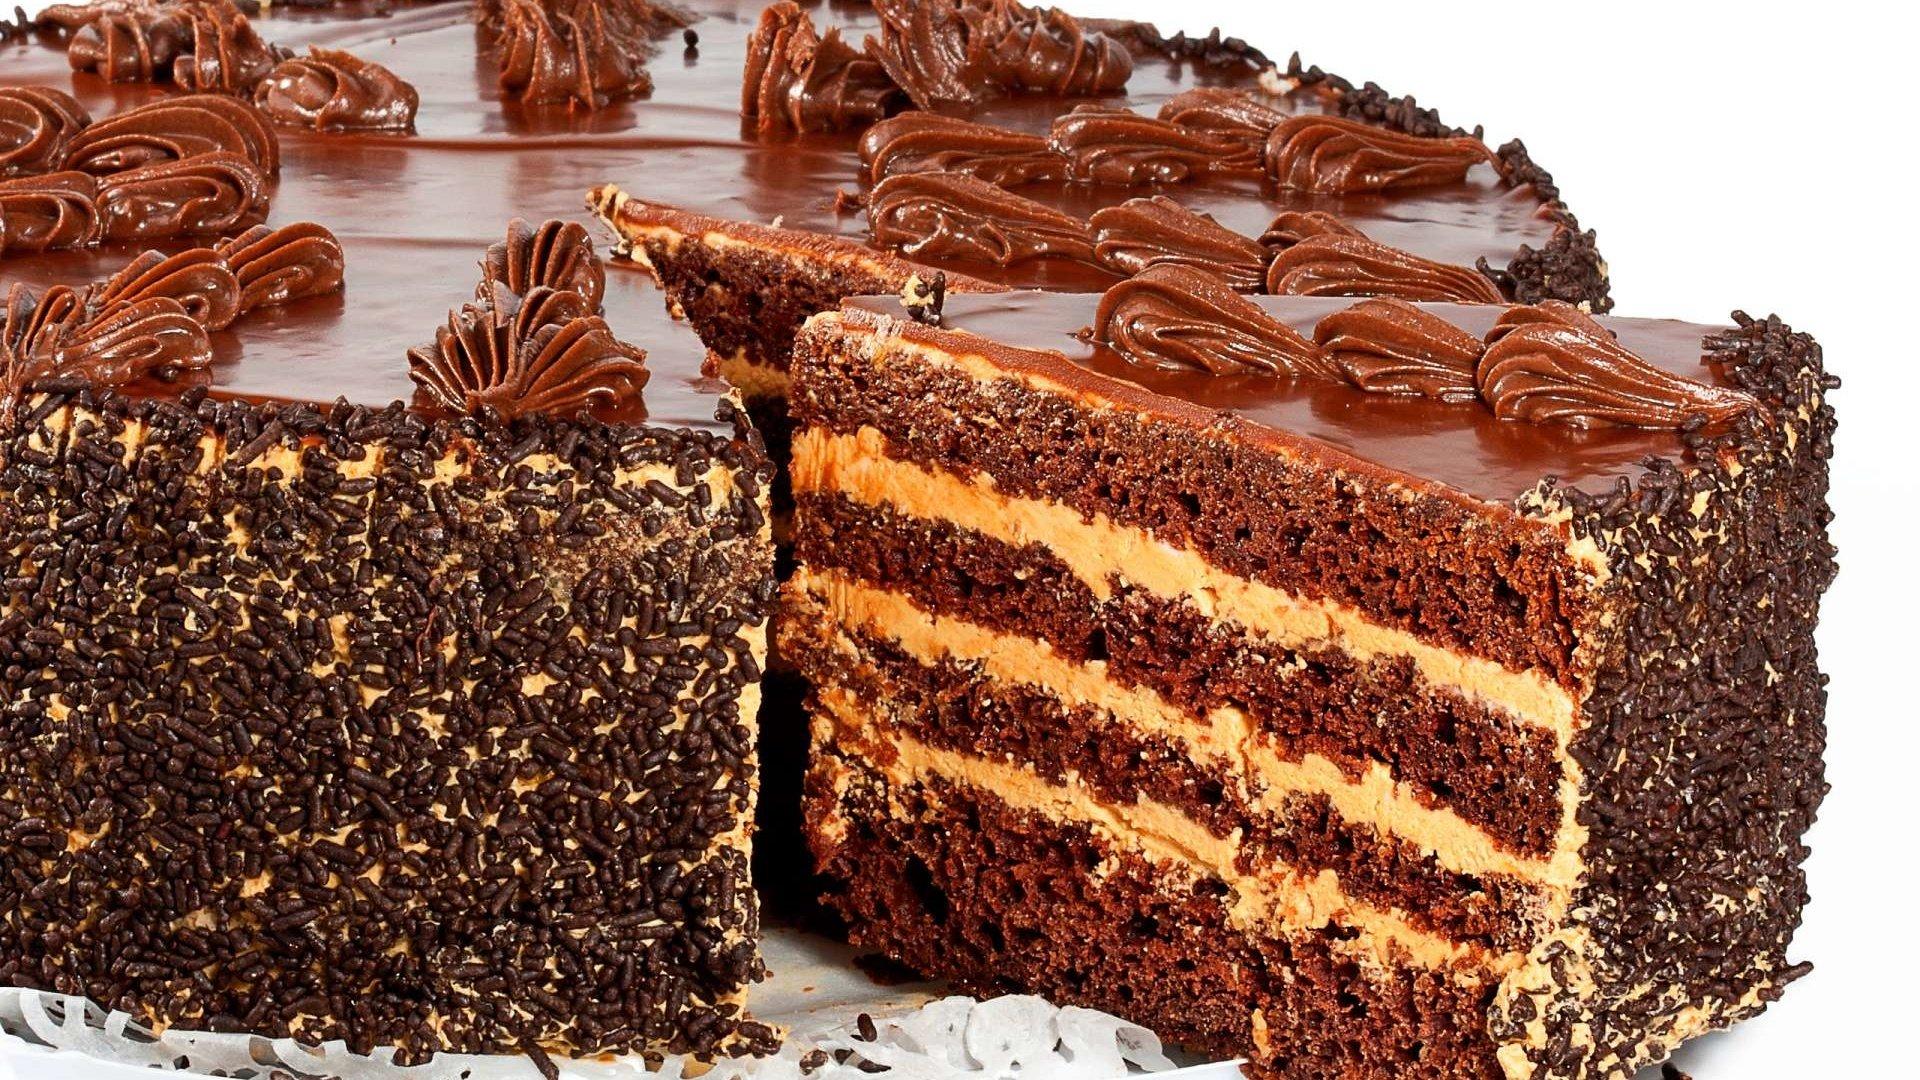 Рецепты шоколадных тортов простые и вкусные в домашних условиях